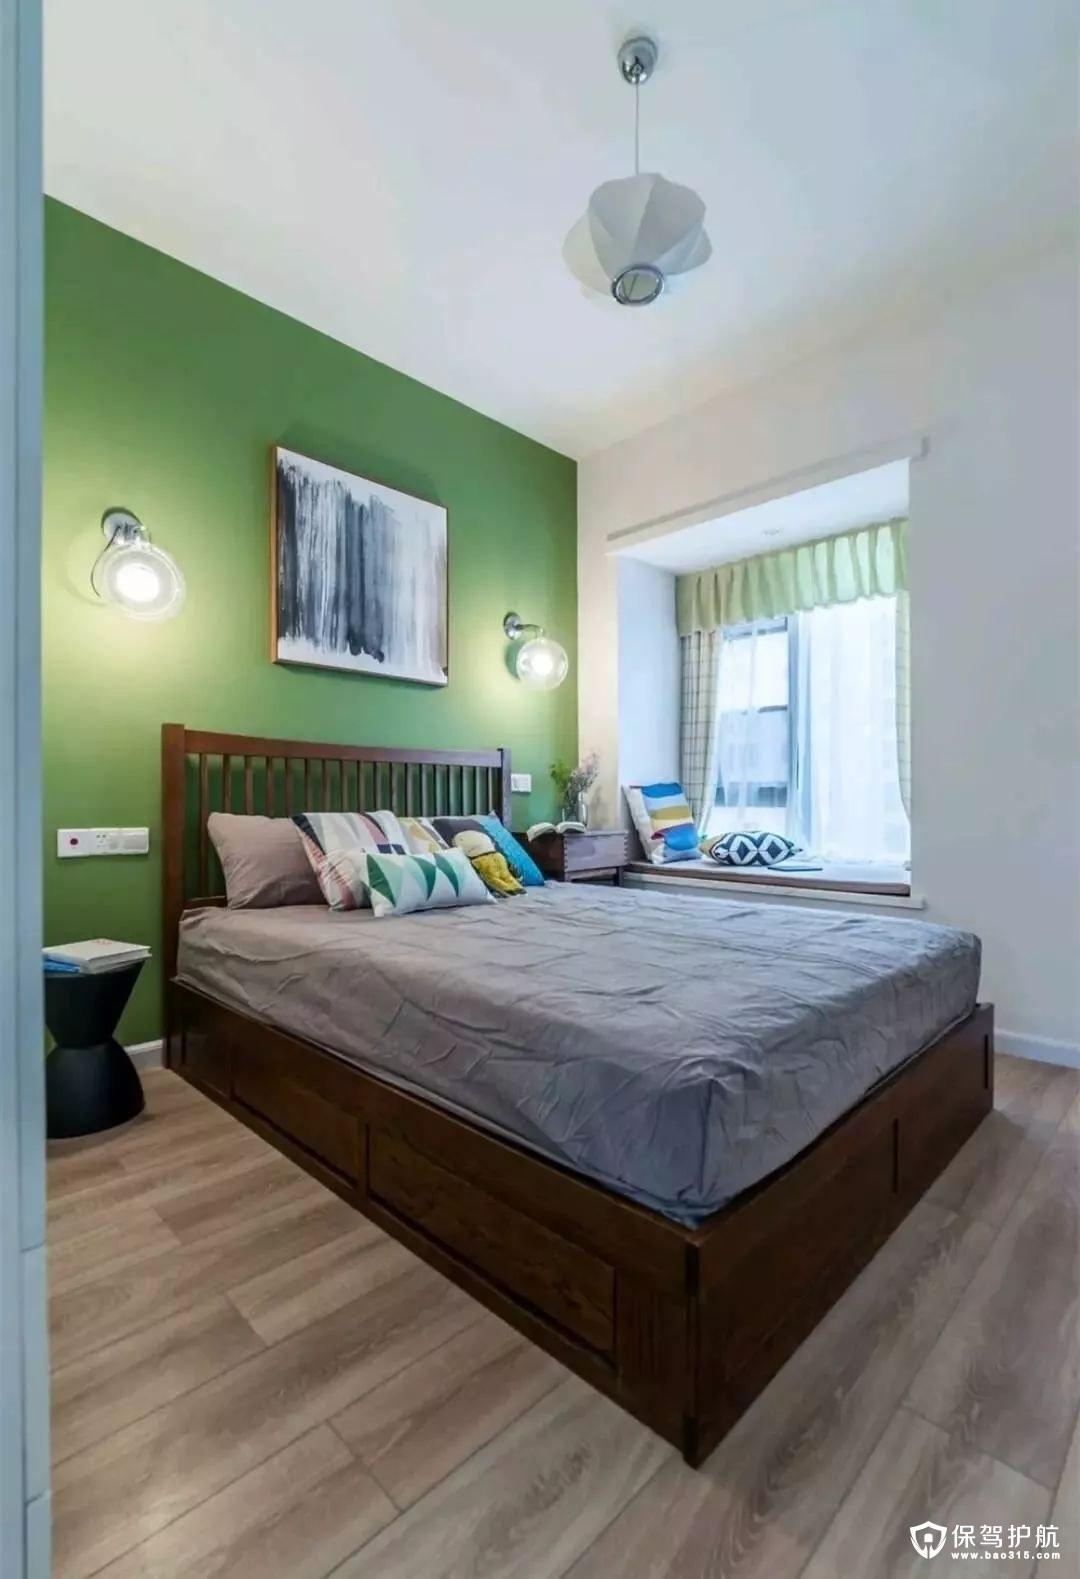 青苹果色清新北欧风格卧室